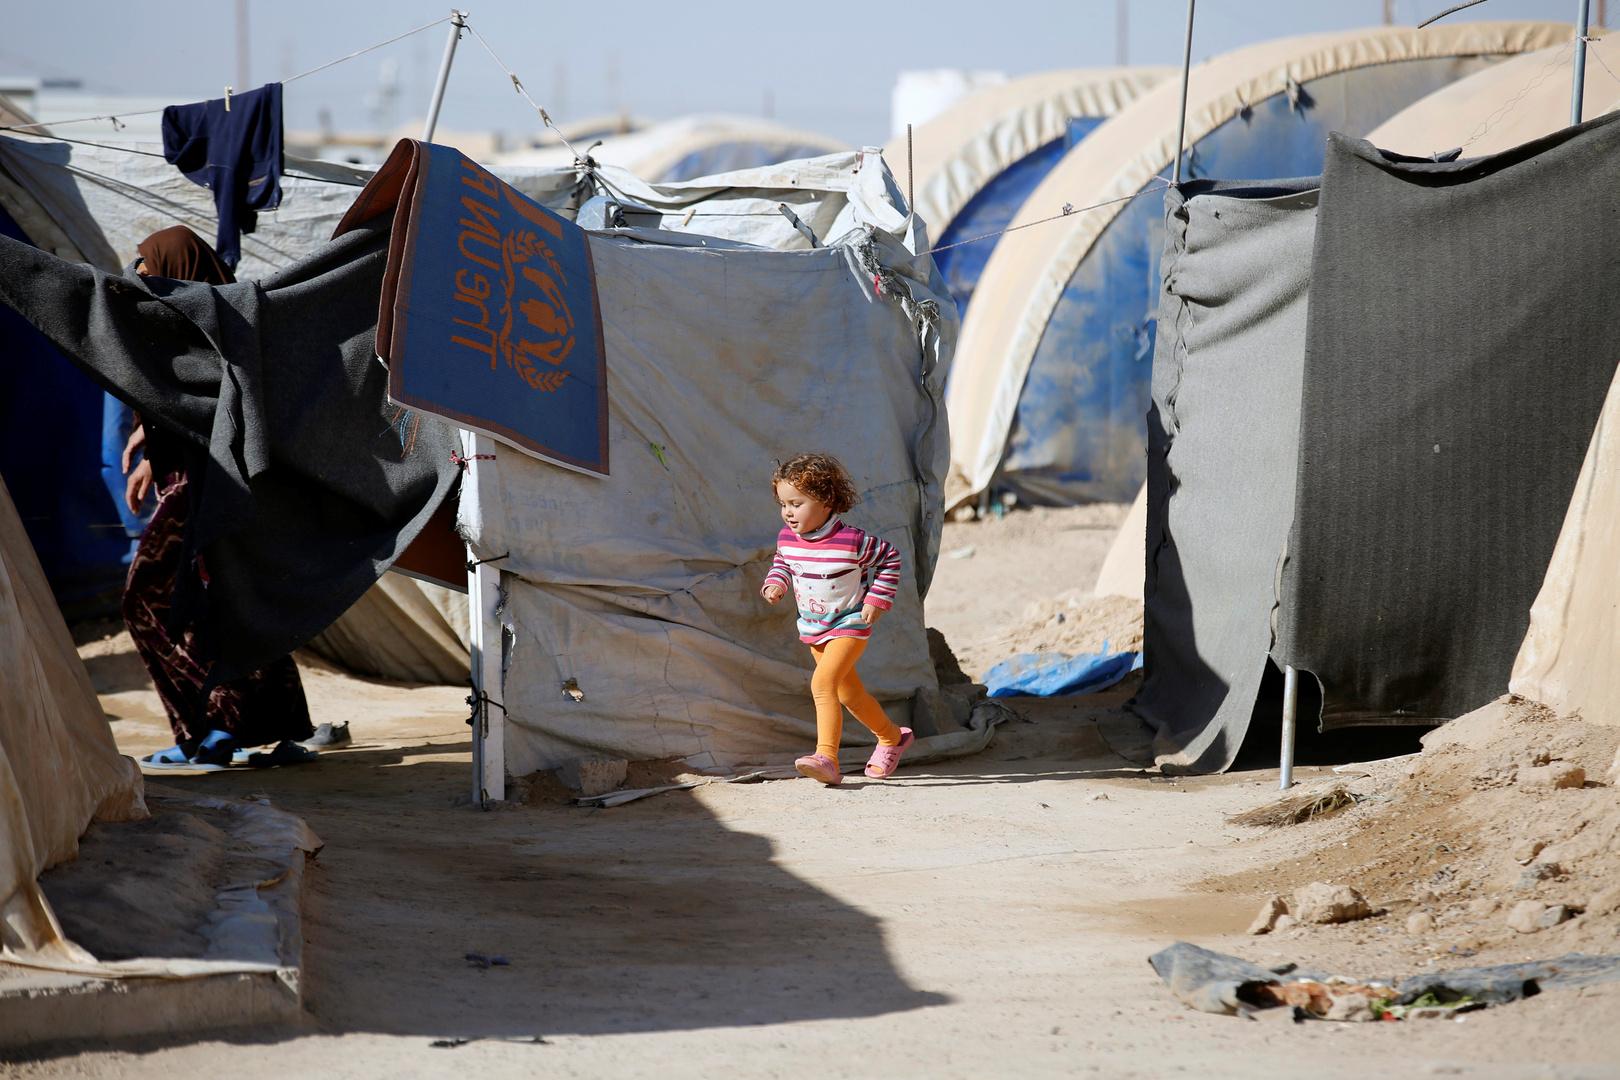 العراق يغلق مخيما للنازحين غرب البلاد